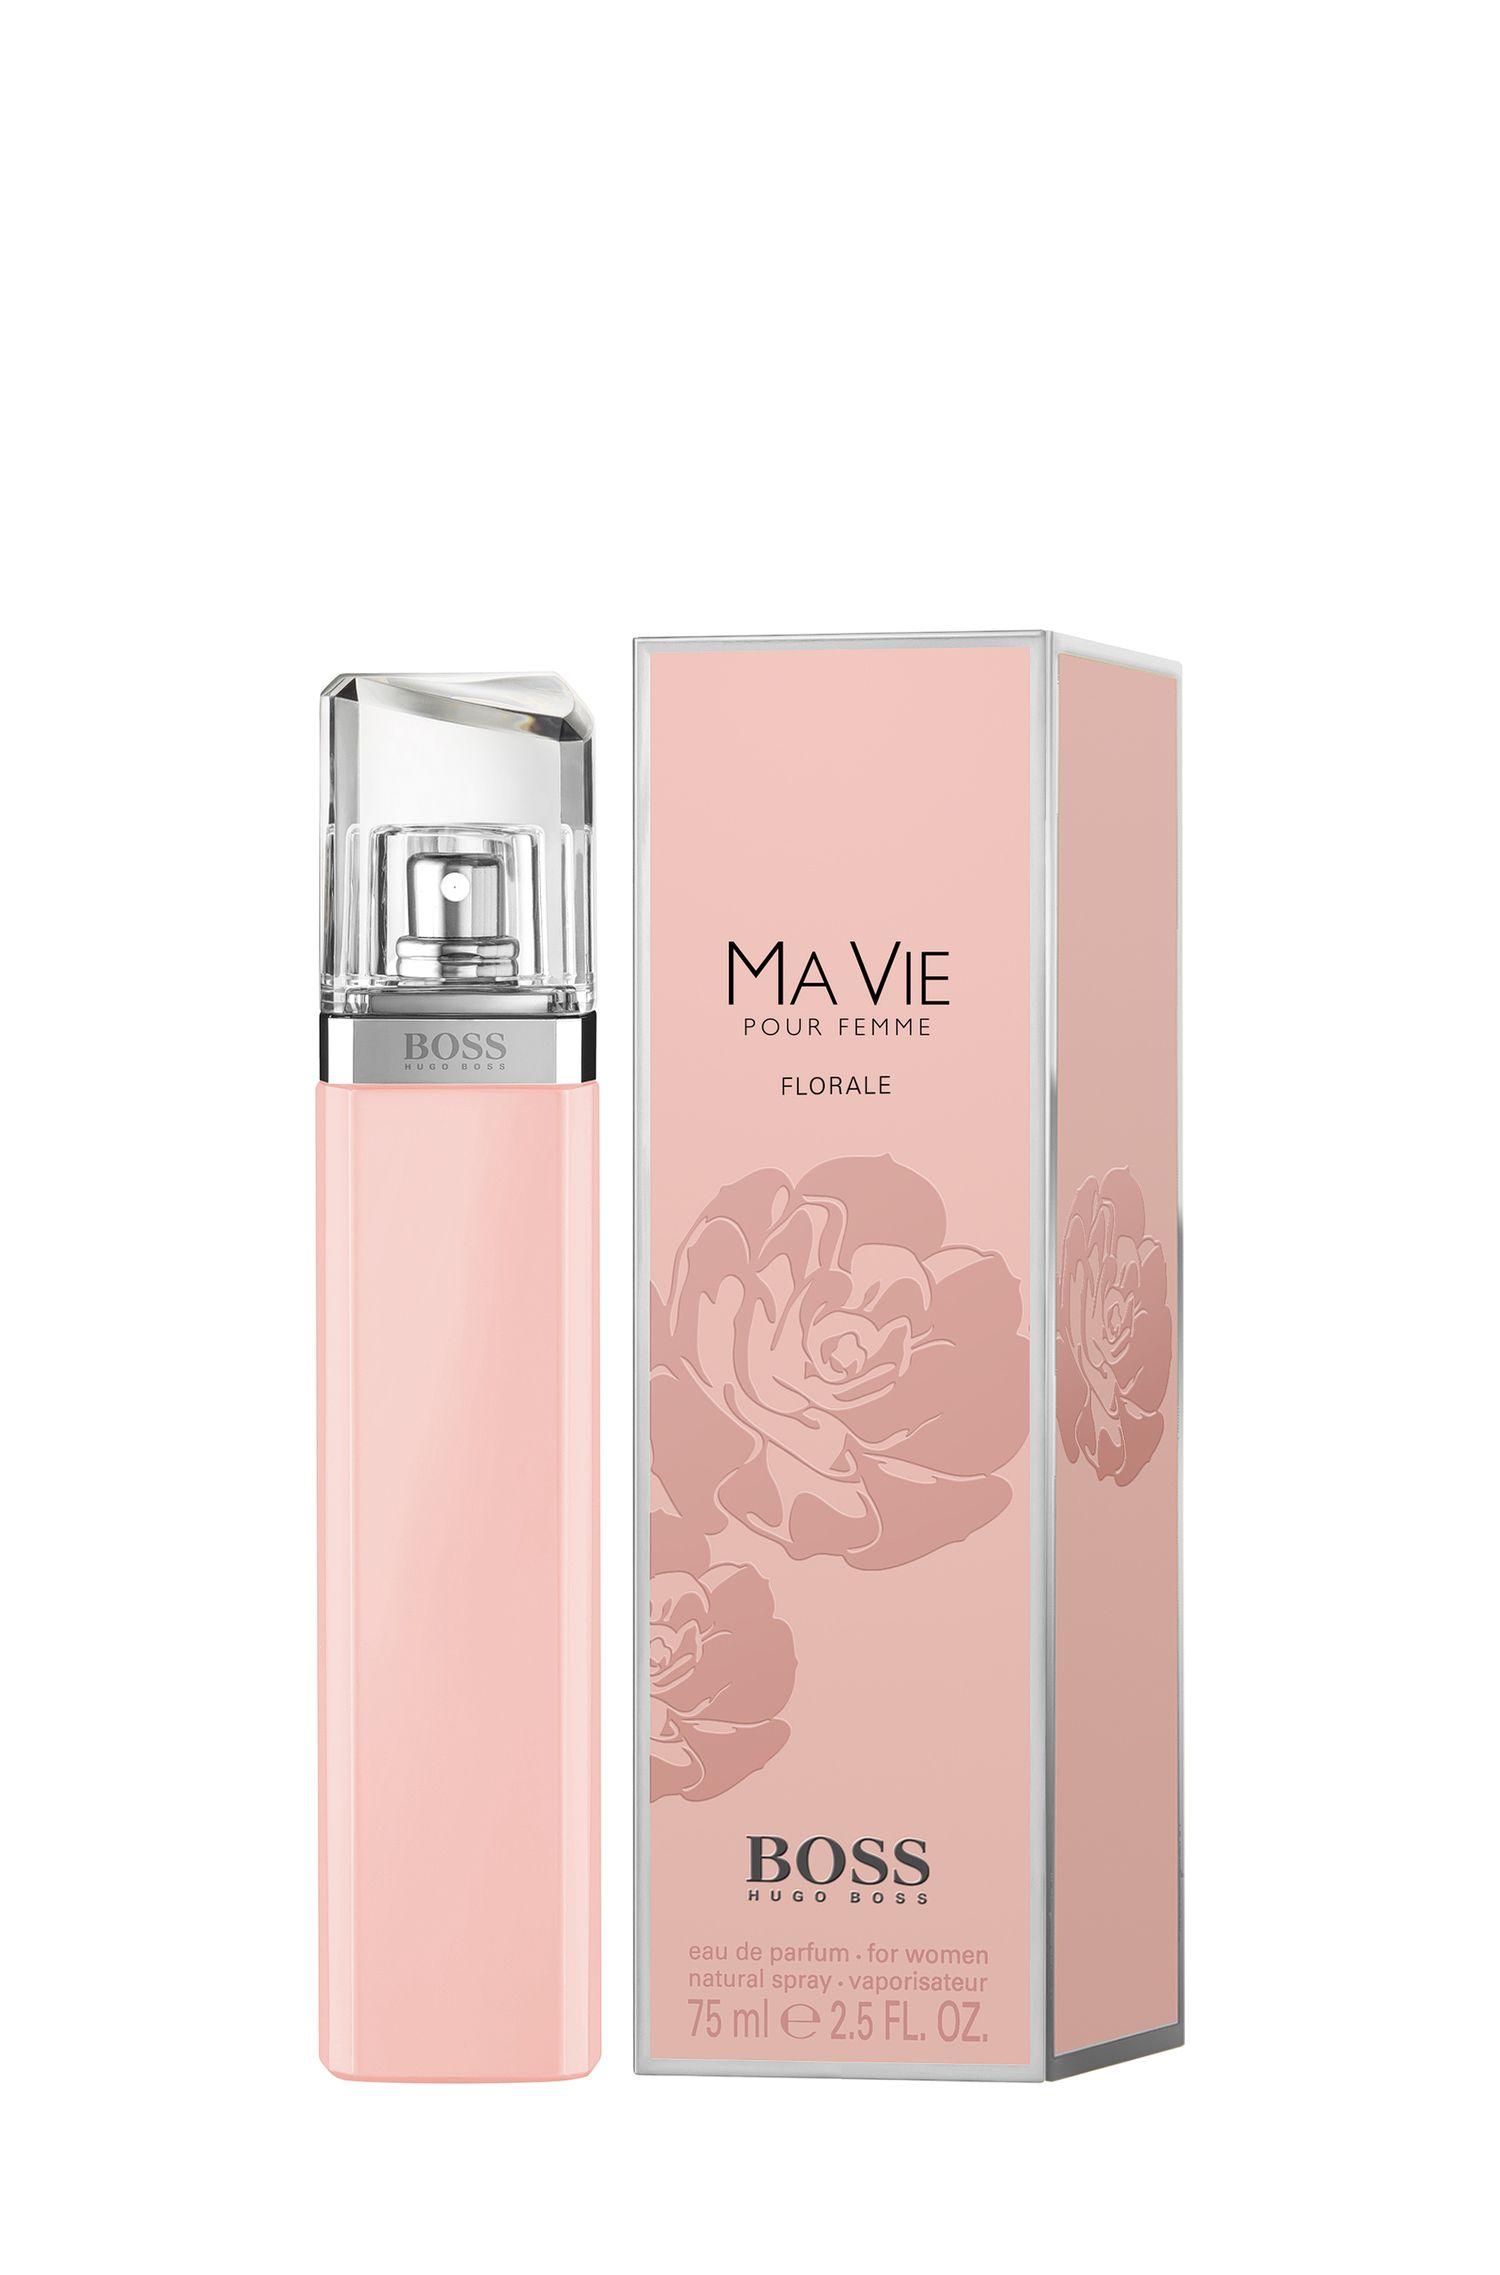 BOSS Ma Vie Florale Eau de Parfum 75ml